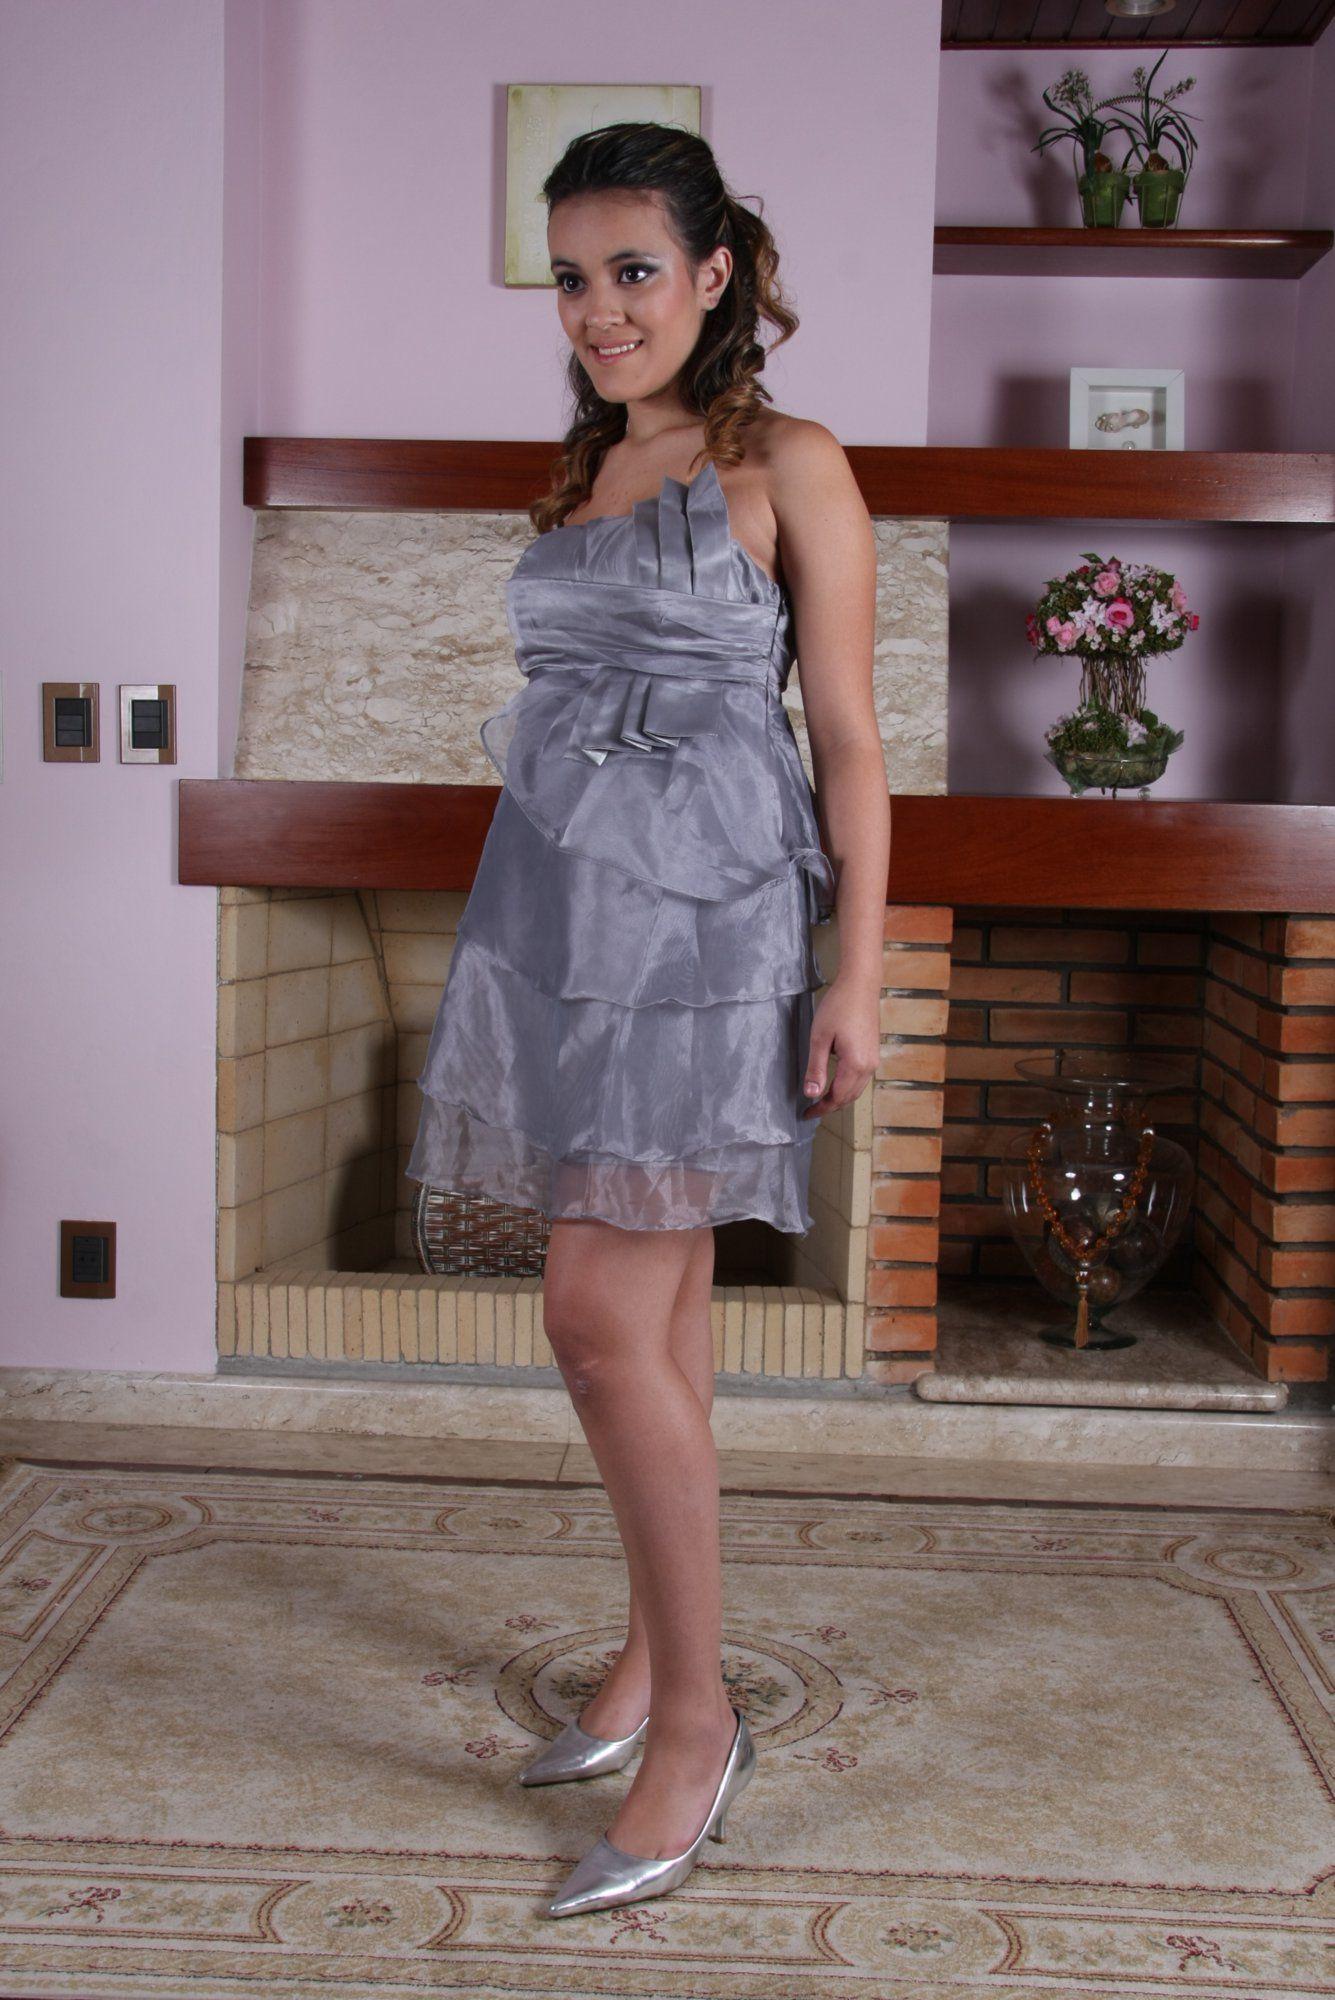 Vestido de Debutante Prata - 1 - Hipnose Alta Costura e Spa para Noivas e Noivos - Campinas - SP Vestido de Debutante, Vestido de Debutante Prata, Hipnose Alta Costura